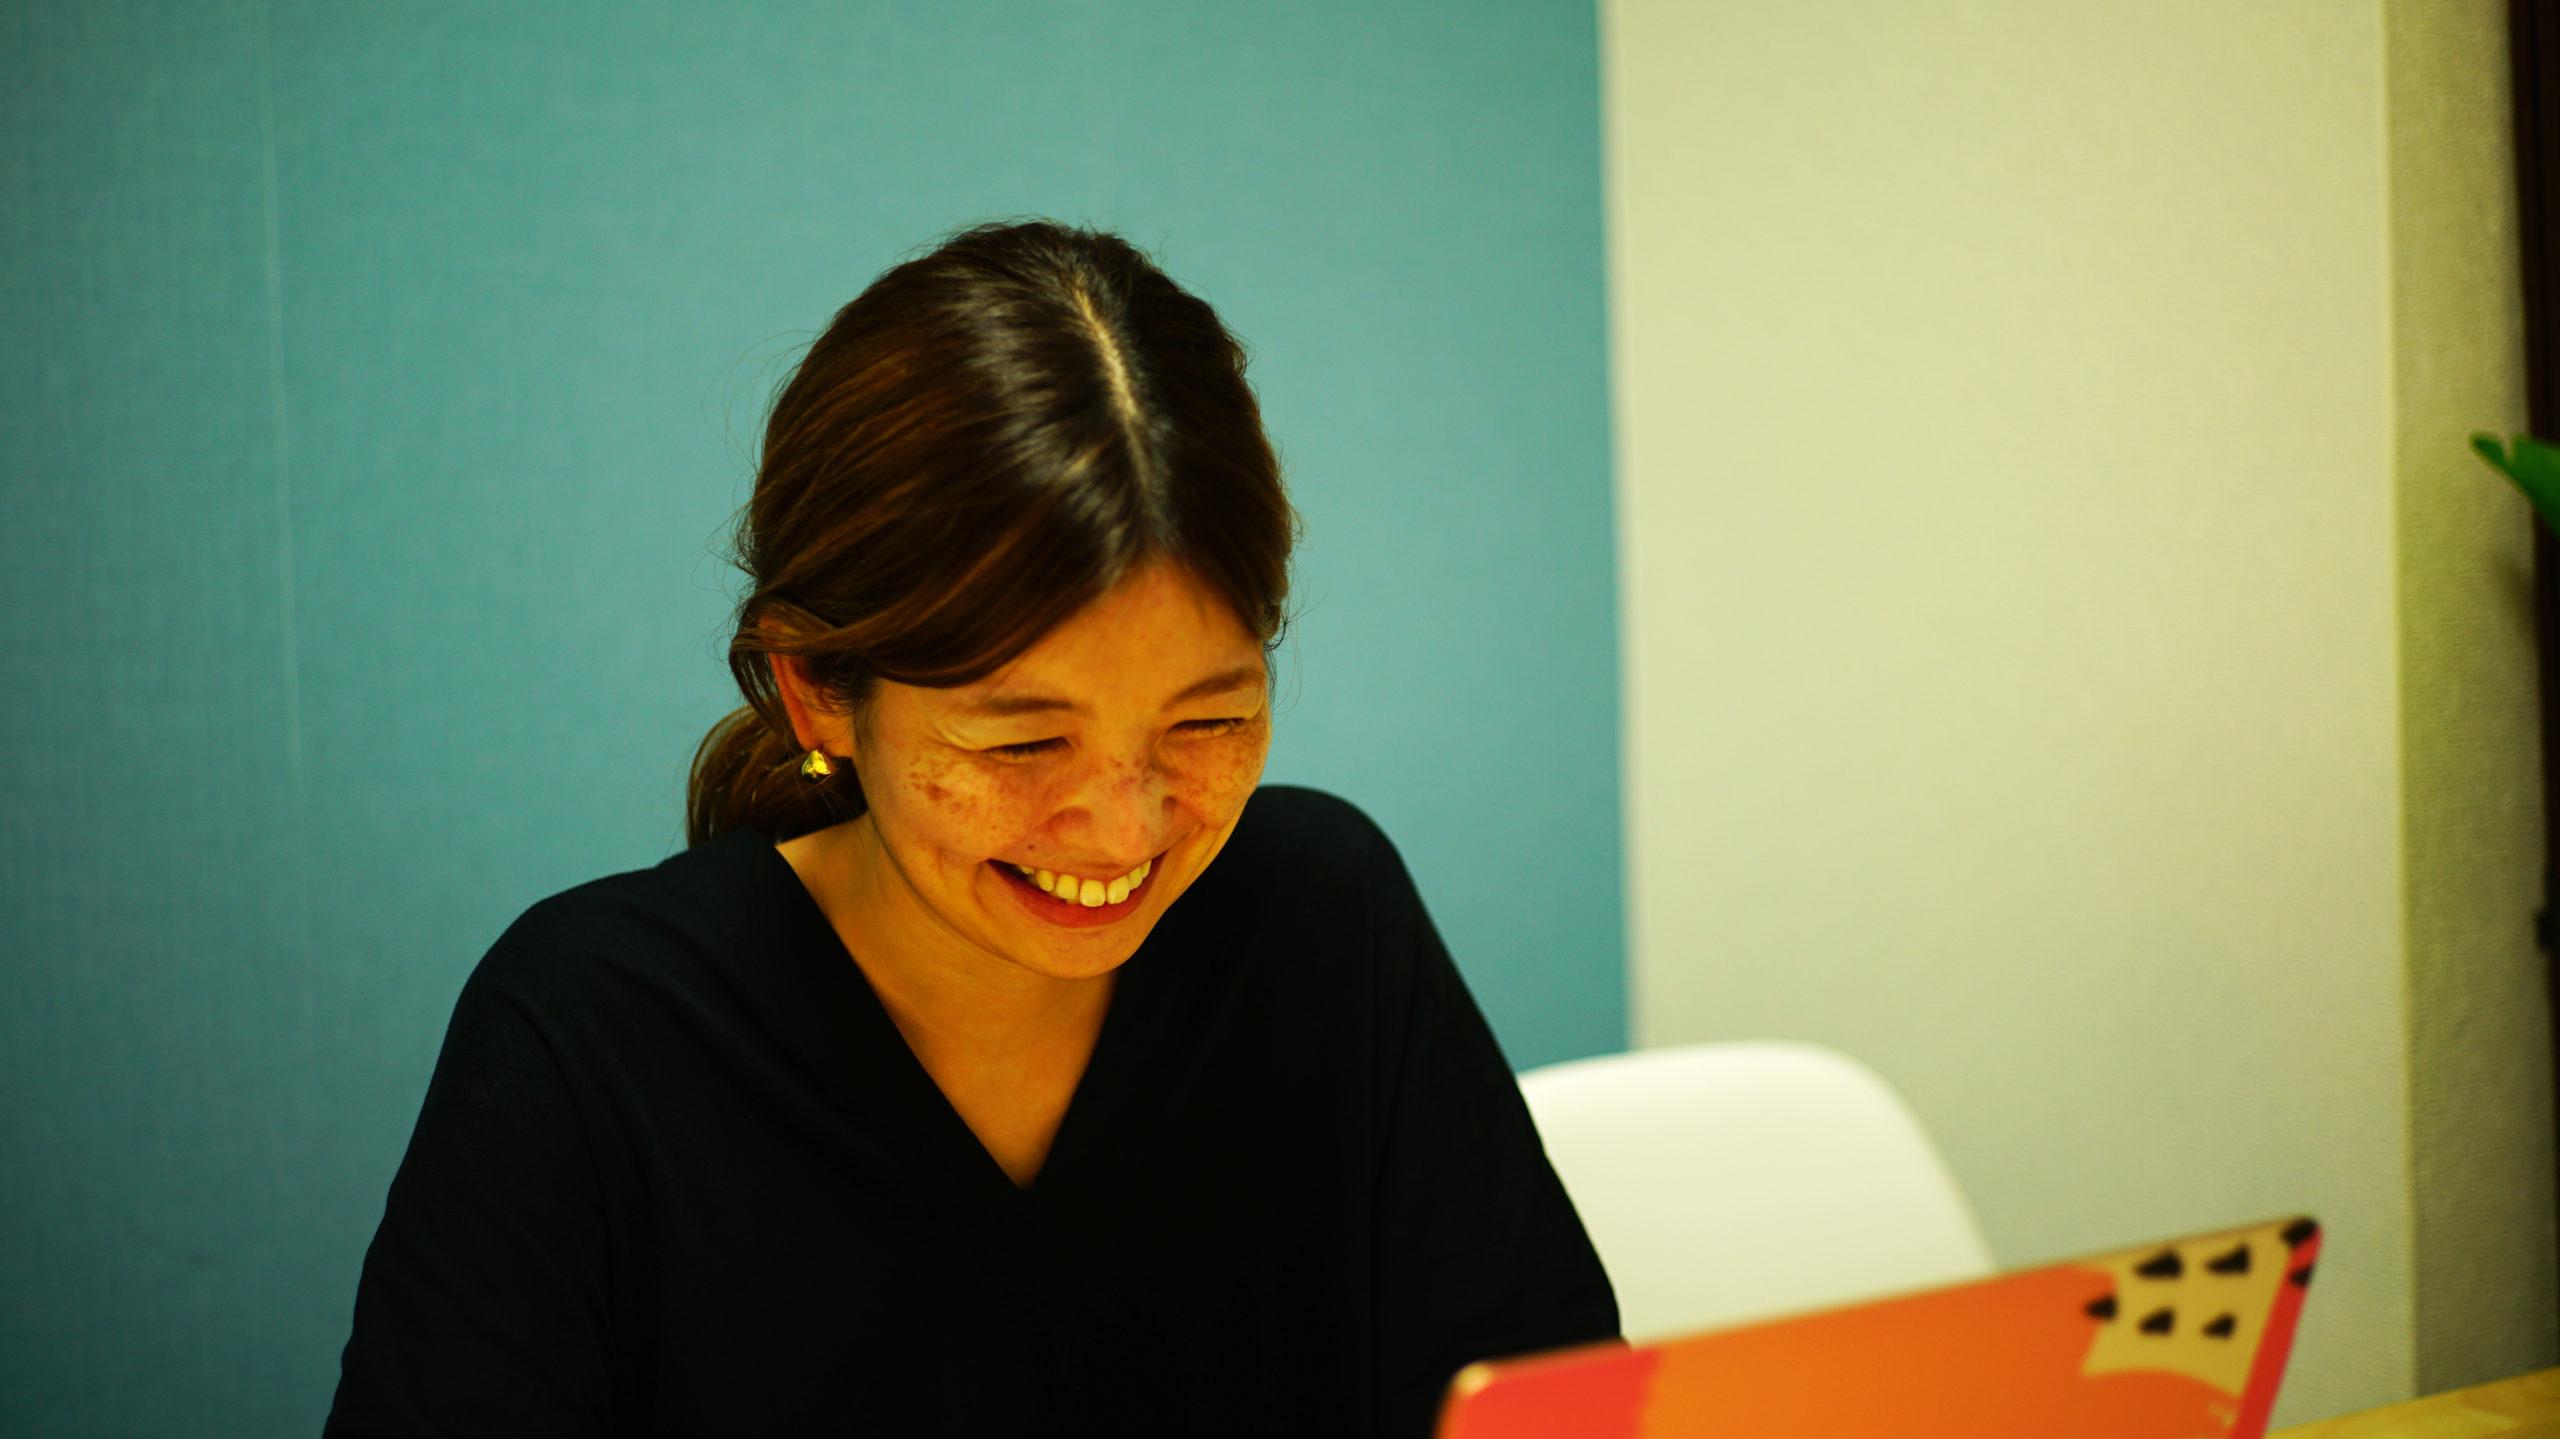 プロフェッショナルな人々と企業が新規事業を生み出していく「Wemake」榎本さんインタビュー